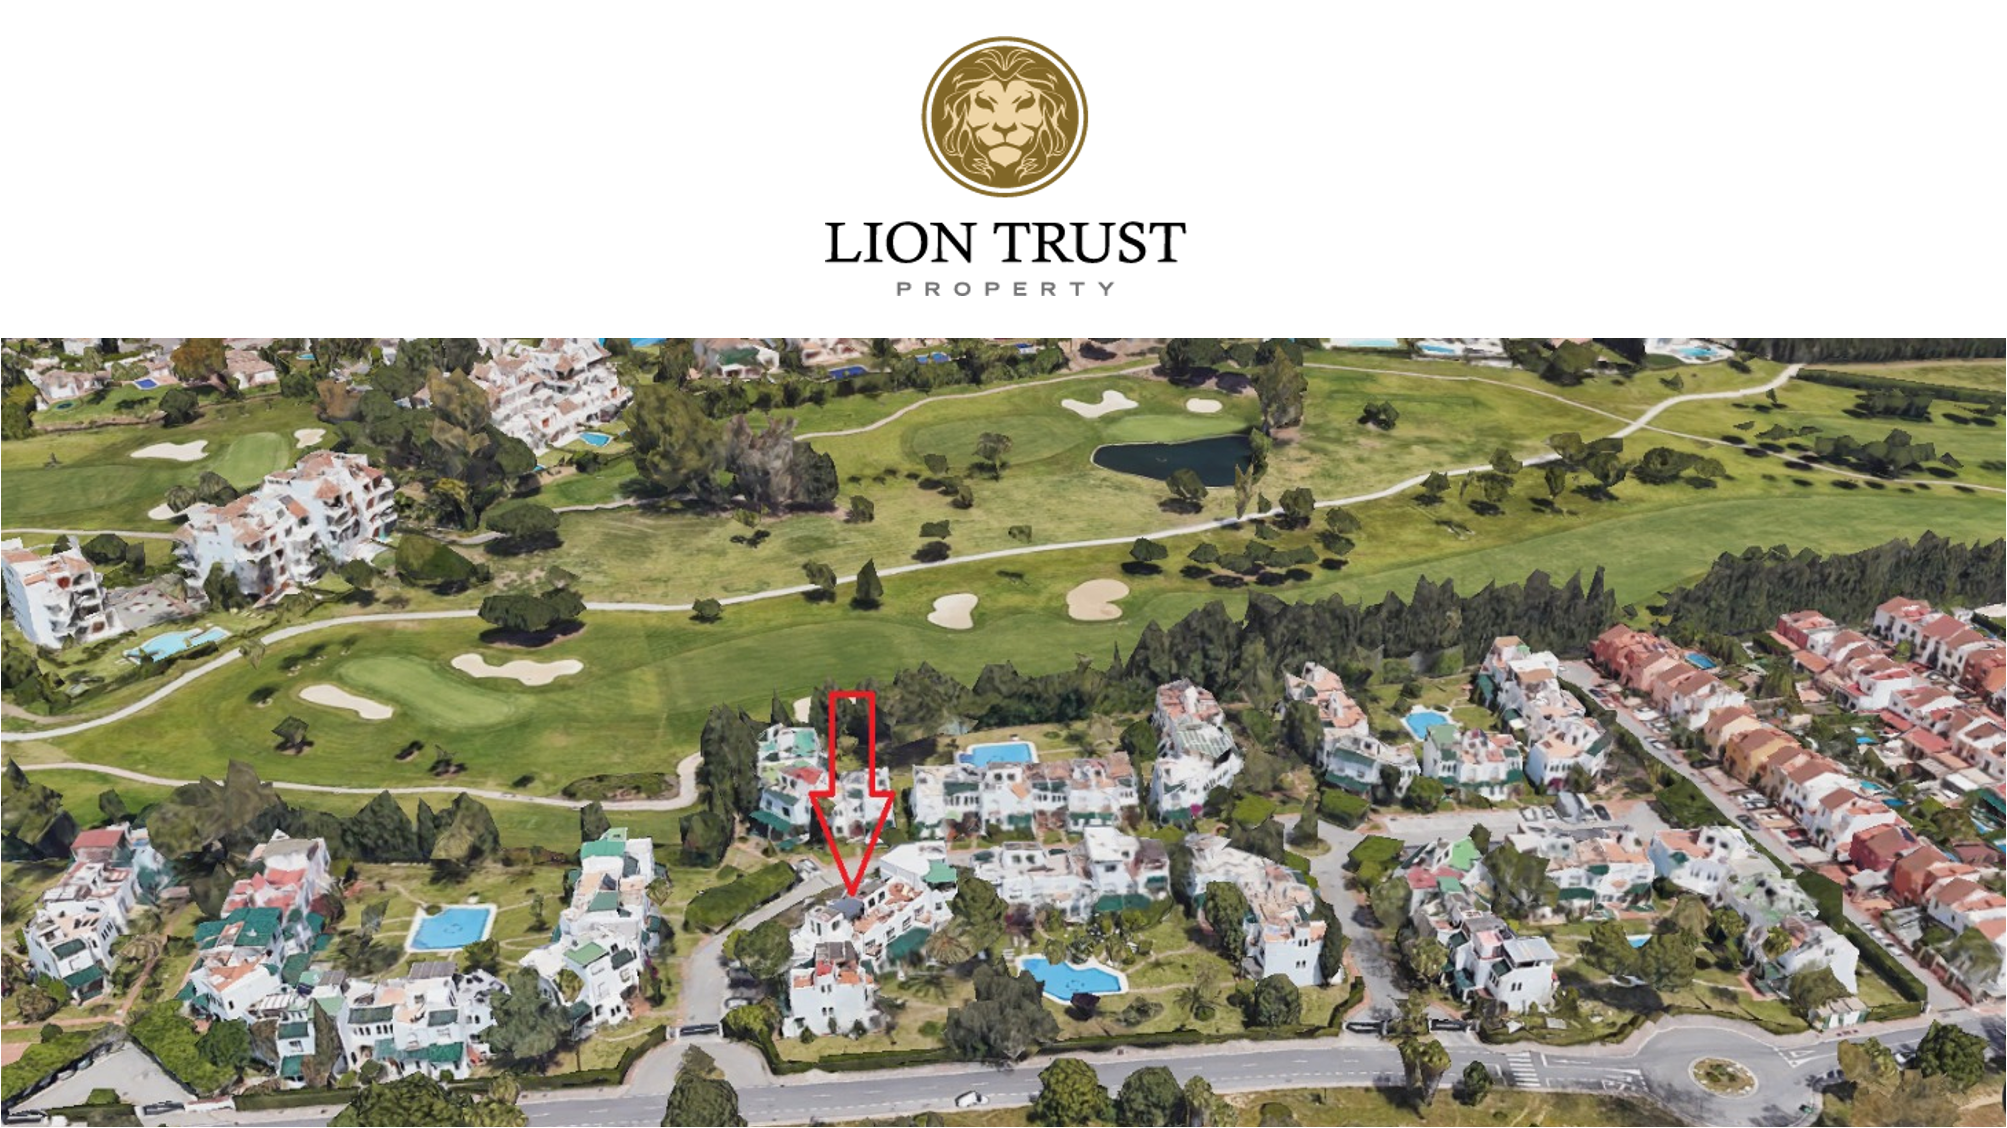 3a 2 - Lion Trust Spain